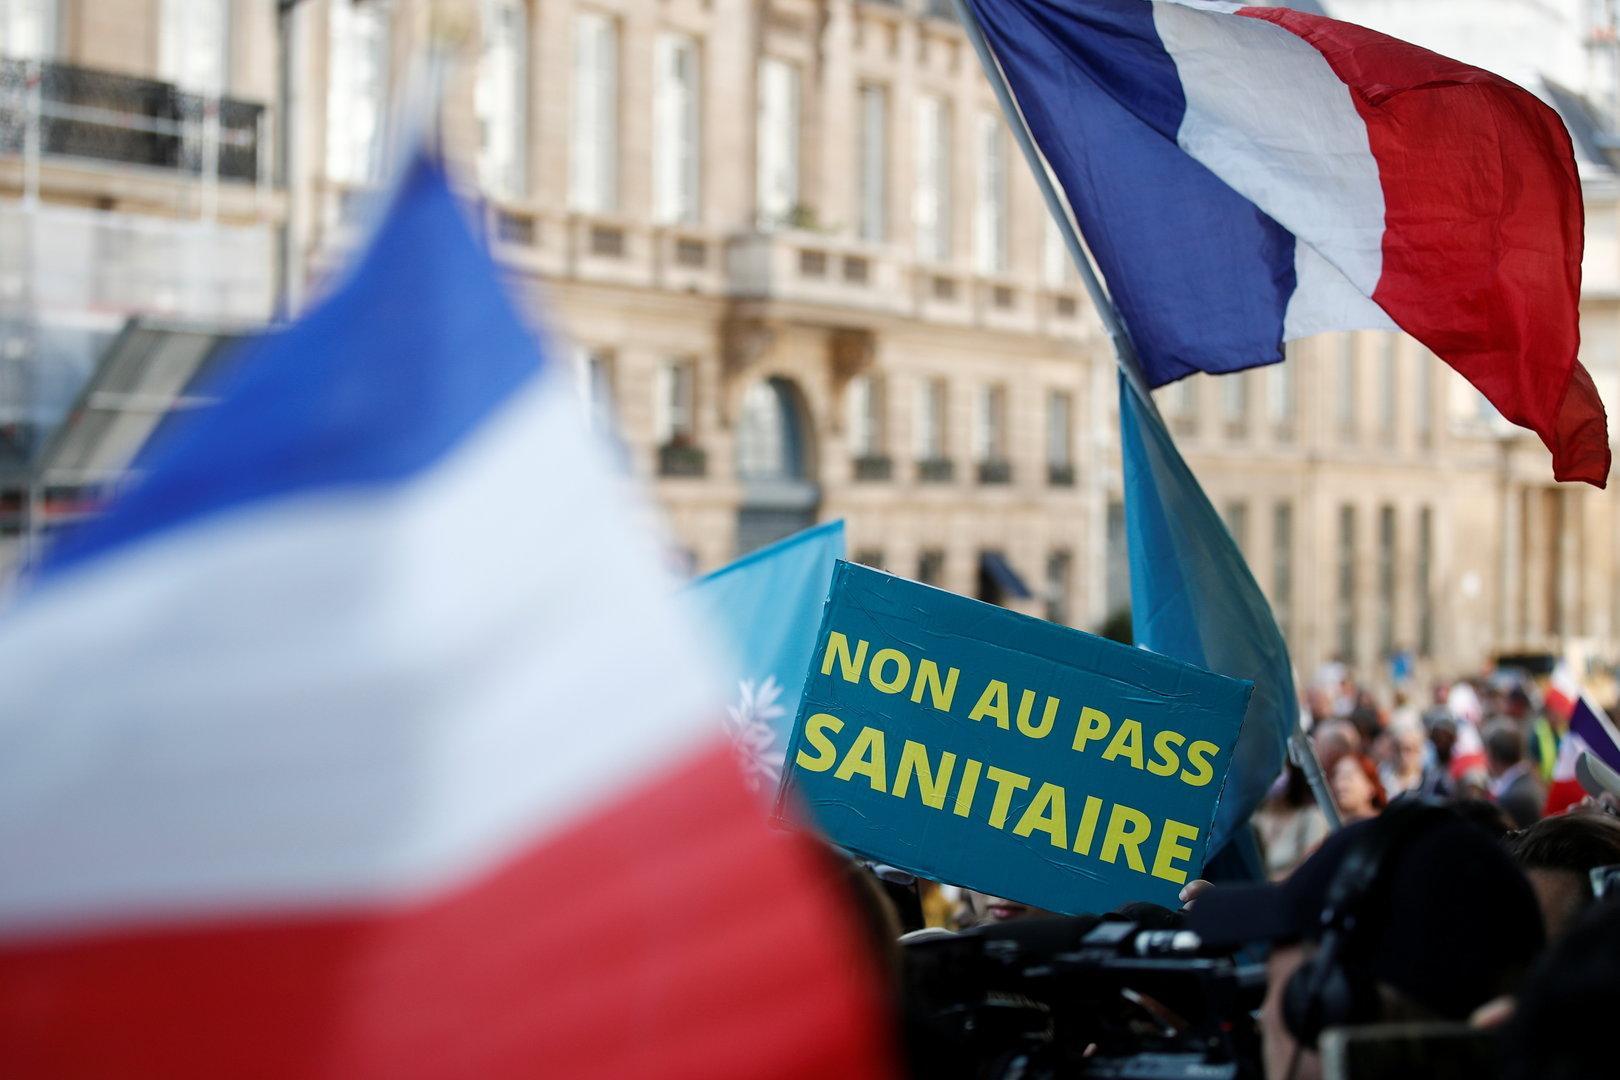 Französisches Parlament verabschiedet verschärfte Corona-Regeln